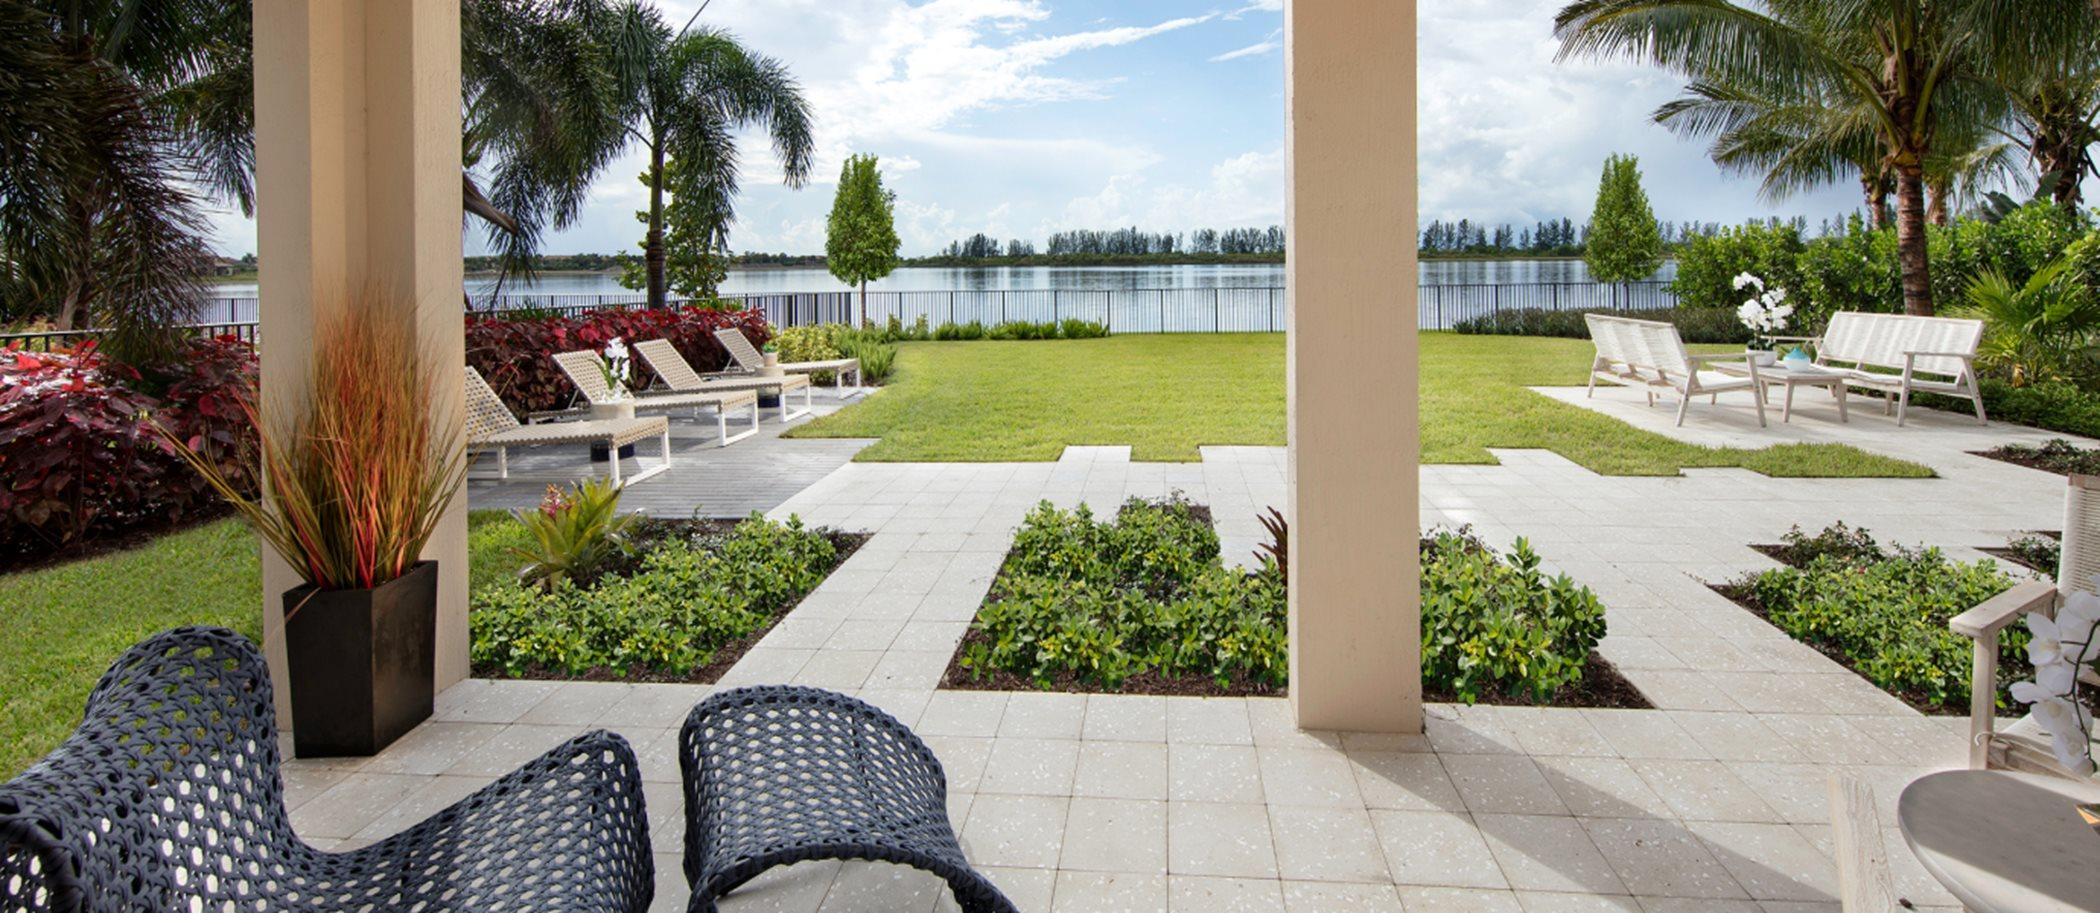 Parkland Bay Executive Collection Outdoor